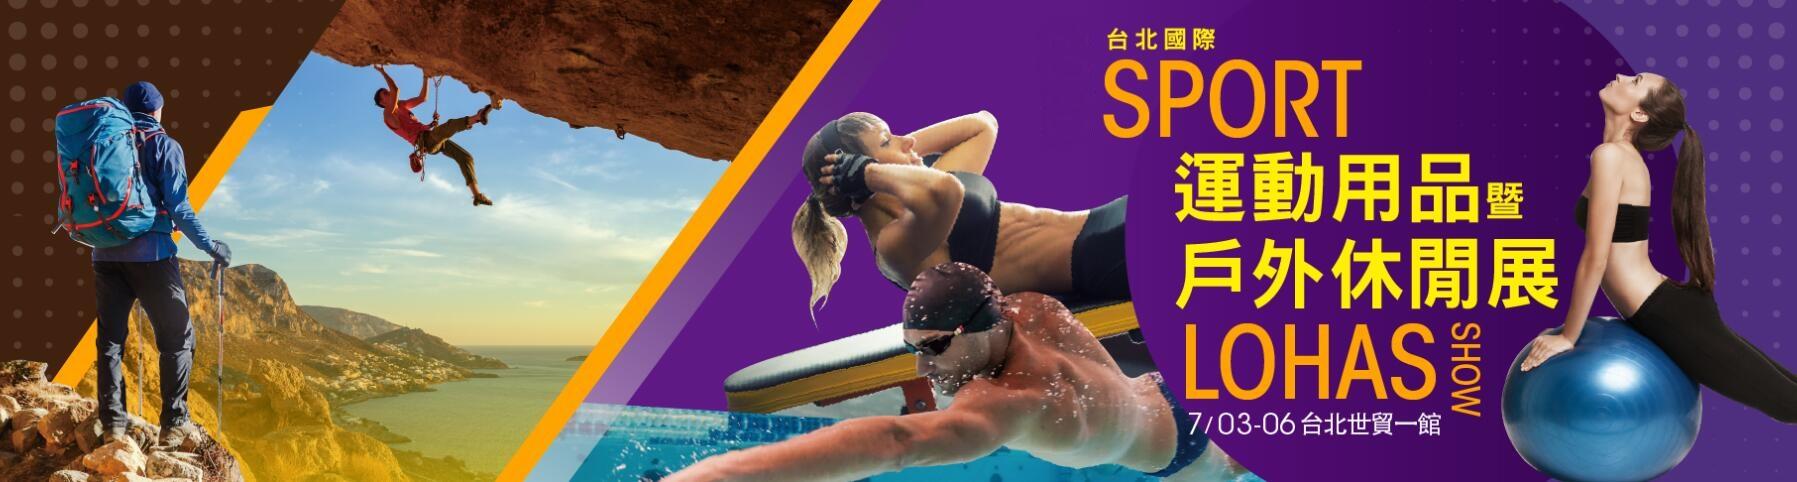 Sport & Lohas Show 1